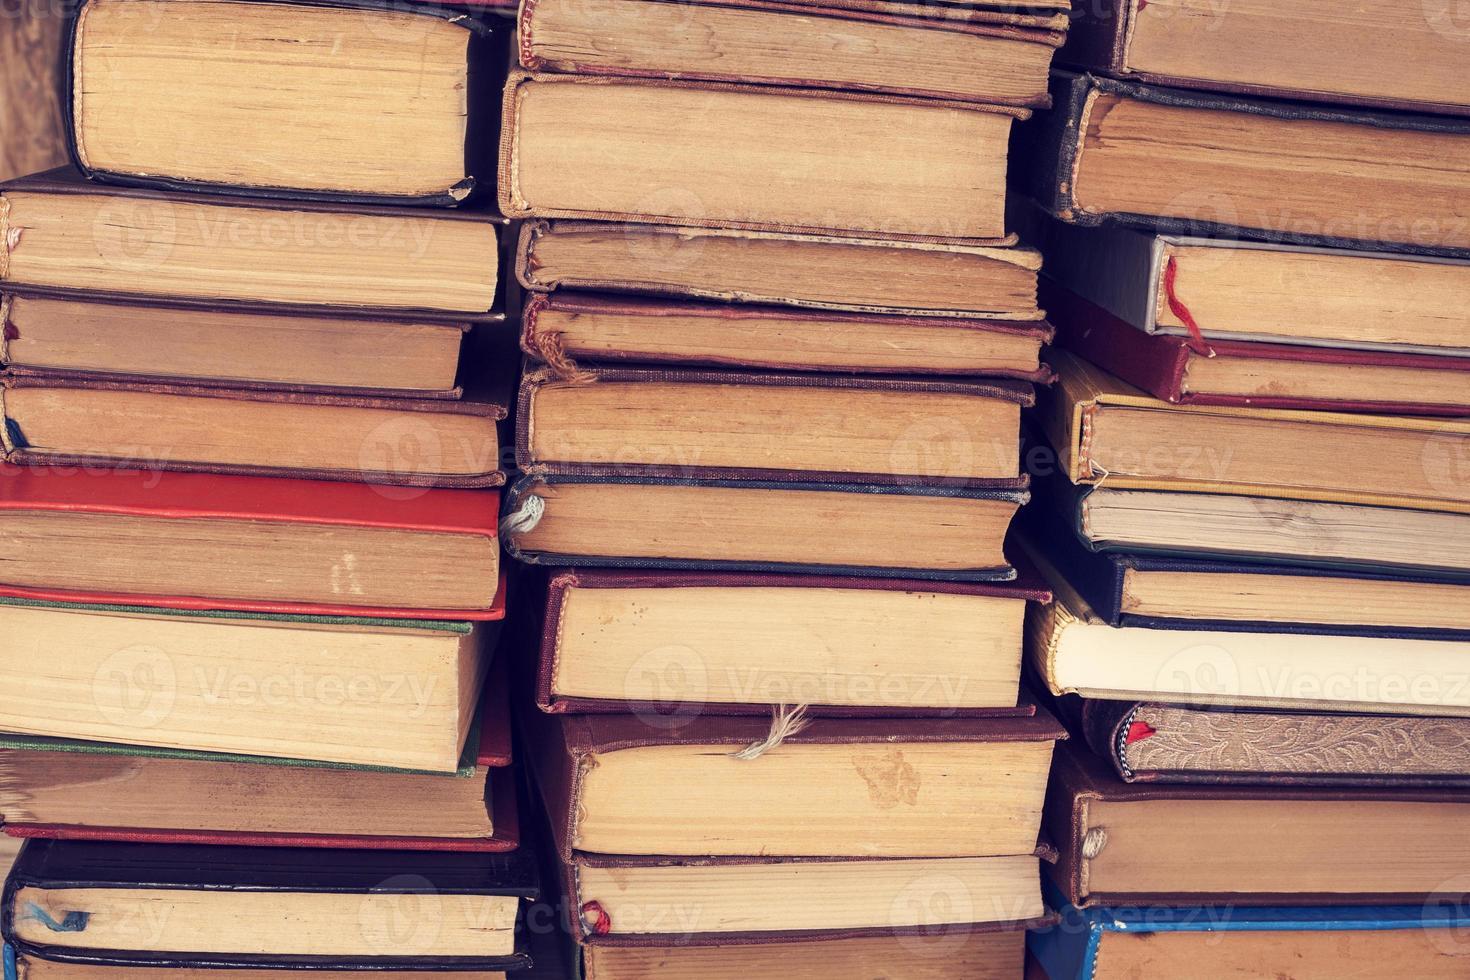 vieux livres cartonnés photo